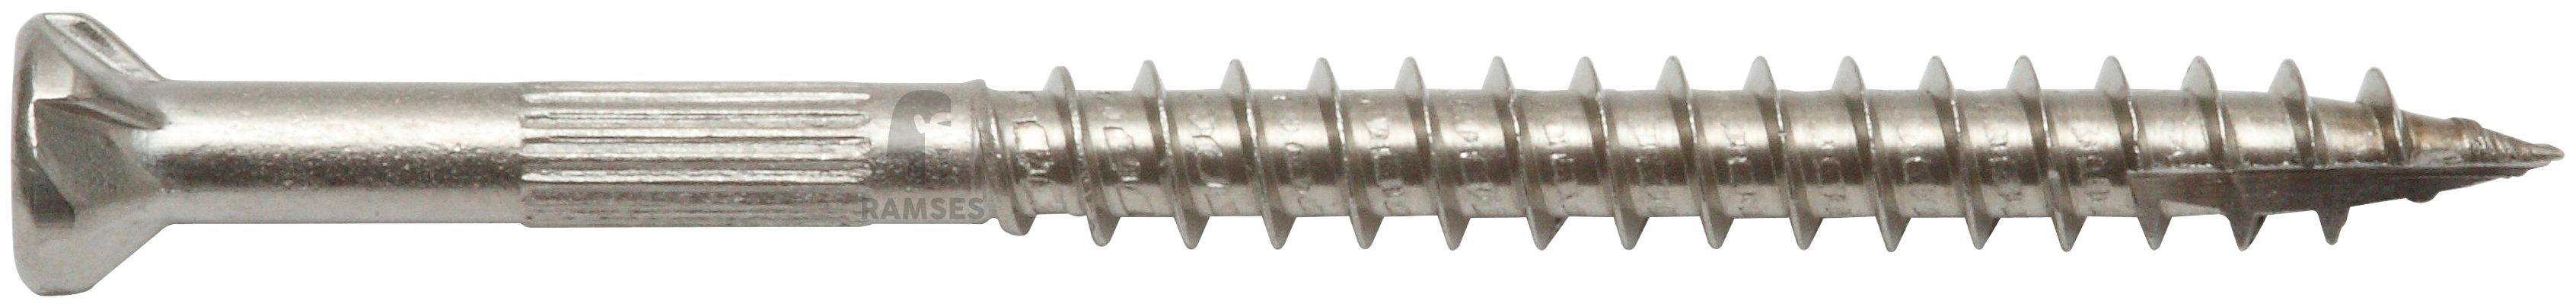 RAMSES Schrauben , Zaunschraube 4,5 x 60 mm mit Bit 100 Stk.